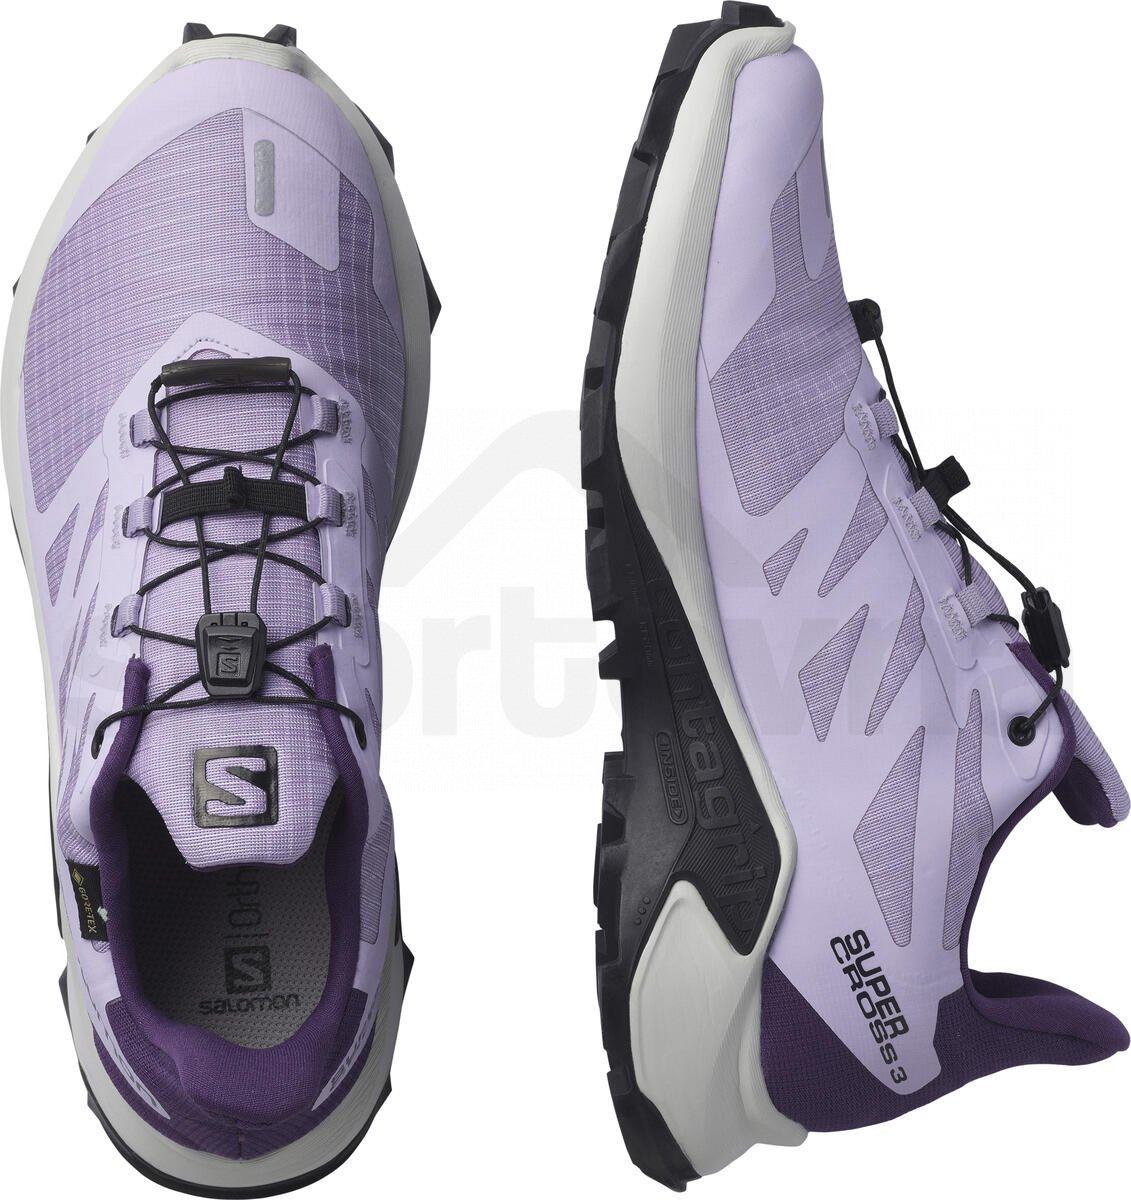 Obuv Salomon SUPERCROSS 3 GTX W - fialová/šedá